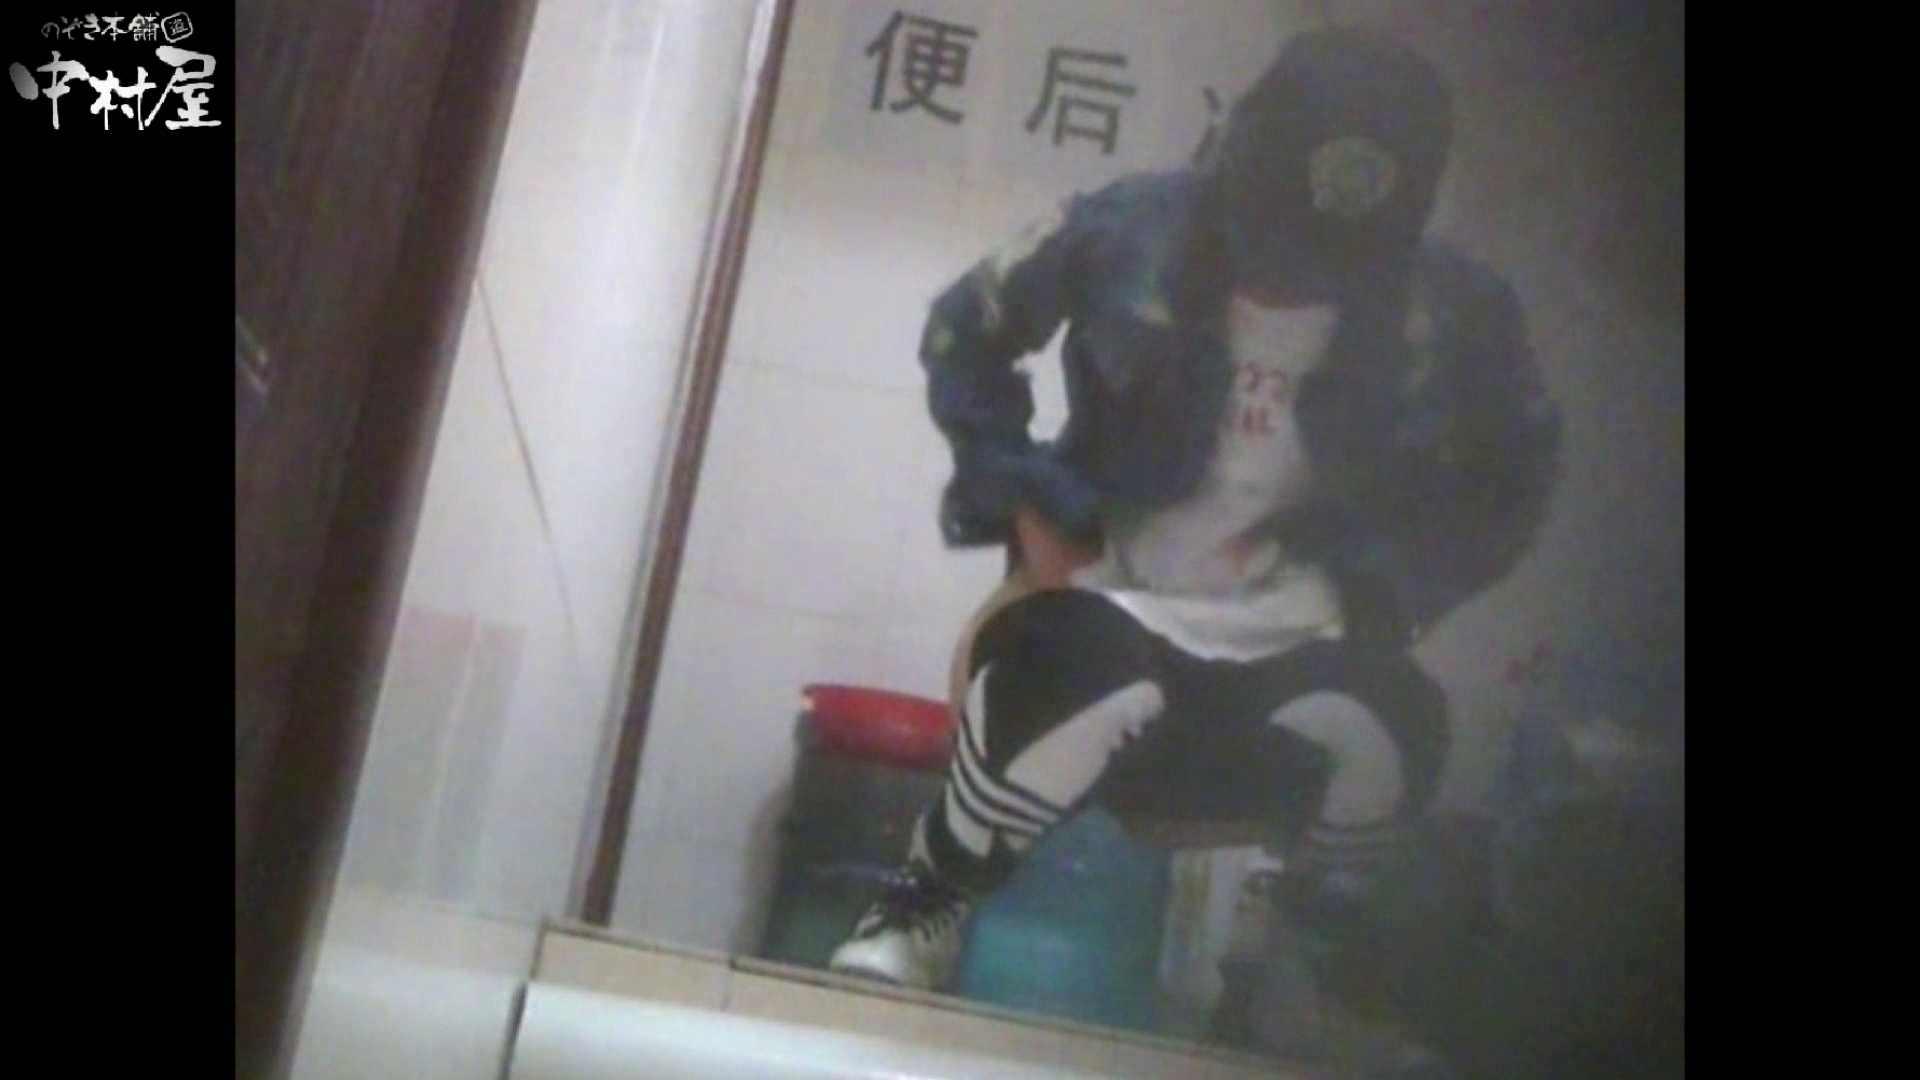 李さんの盗撮日記 Vol.13 和式 | エロギャル  64画像 45